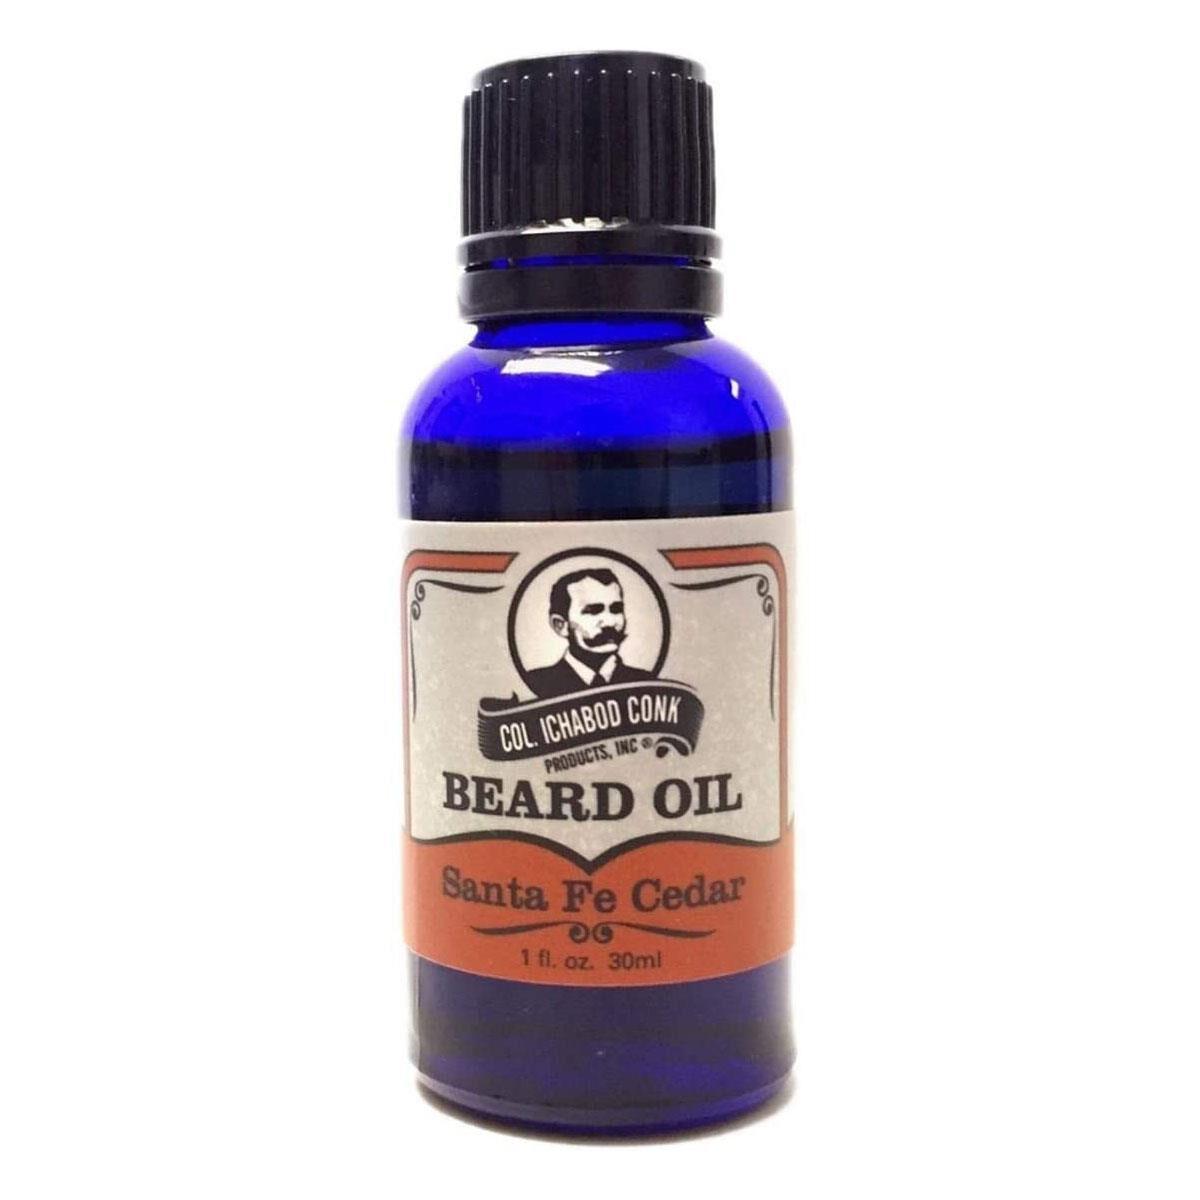 Colonel Conk beard oil